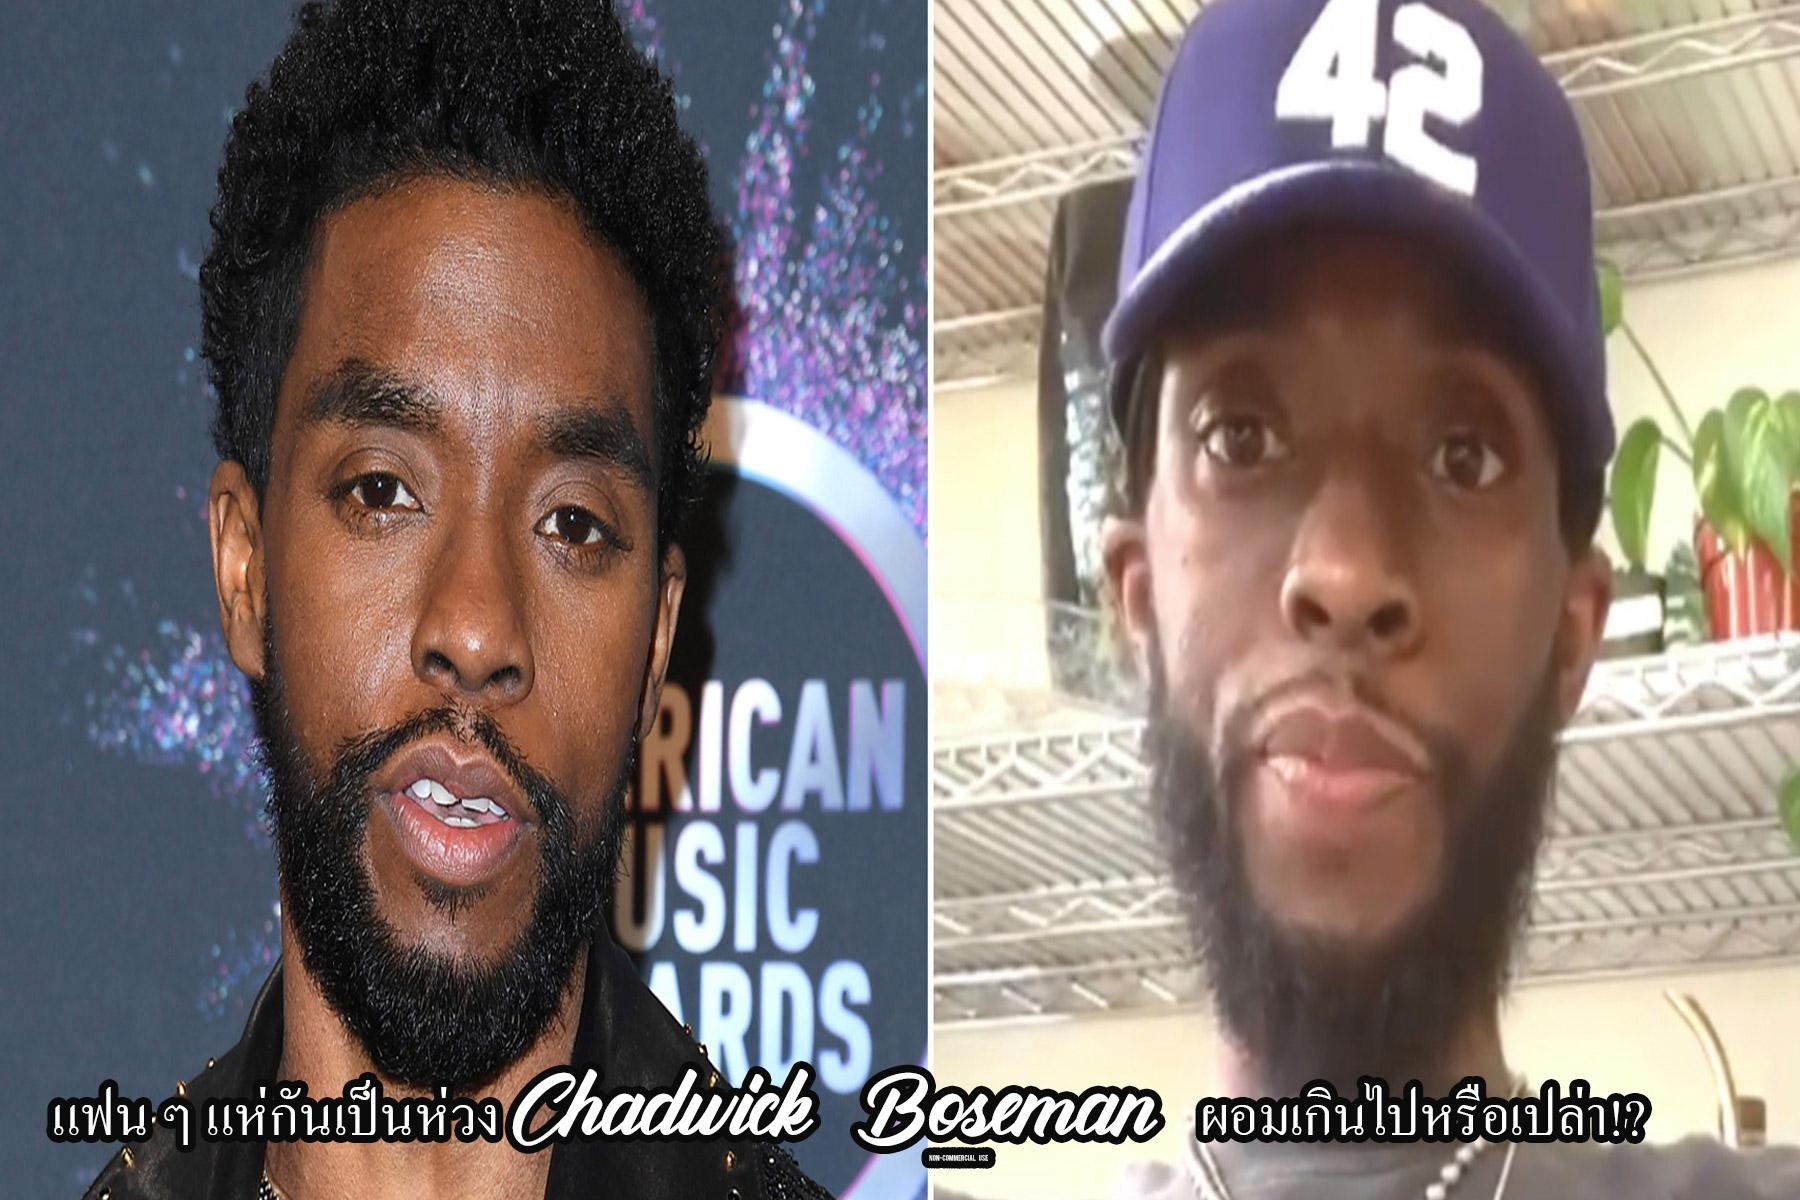 แฟน ๆ แห่กันเป็นห่วง Chadwick Boseman ฝ่าบาททีชาล่า Black Panther ผอมเกินไปหรือเปล่า!?